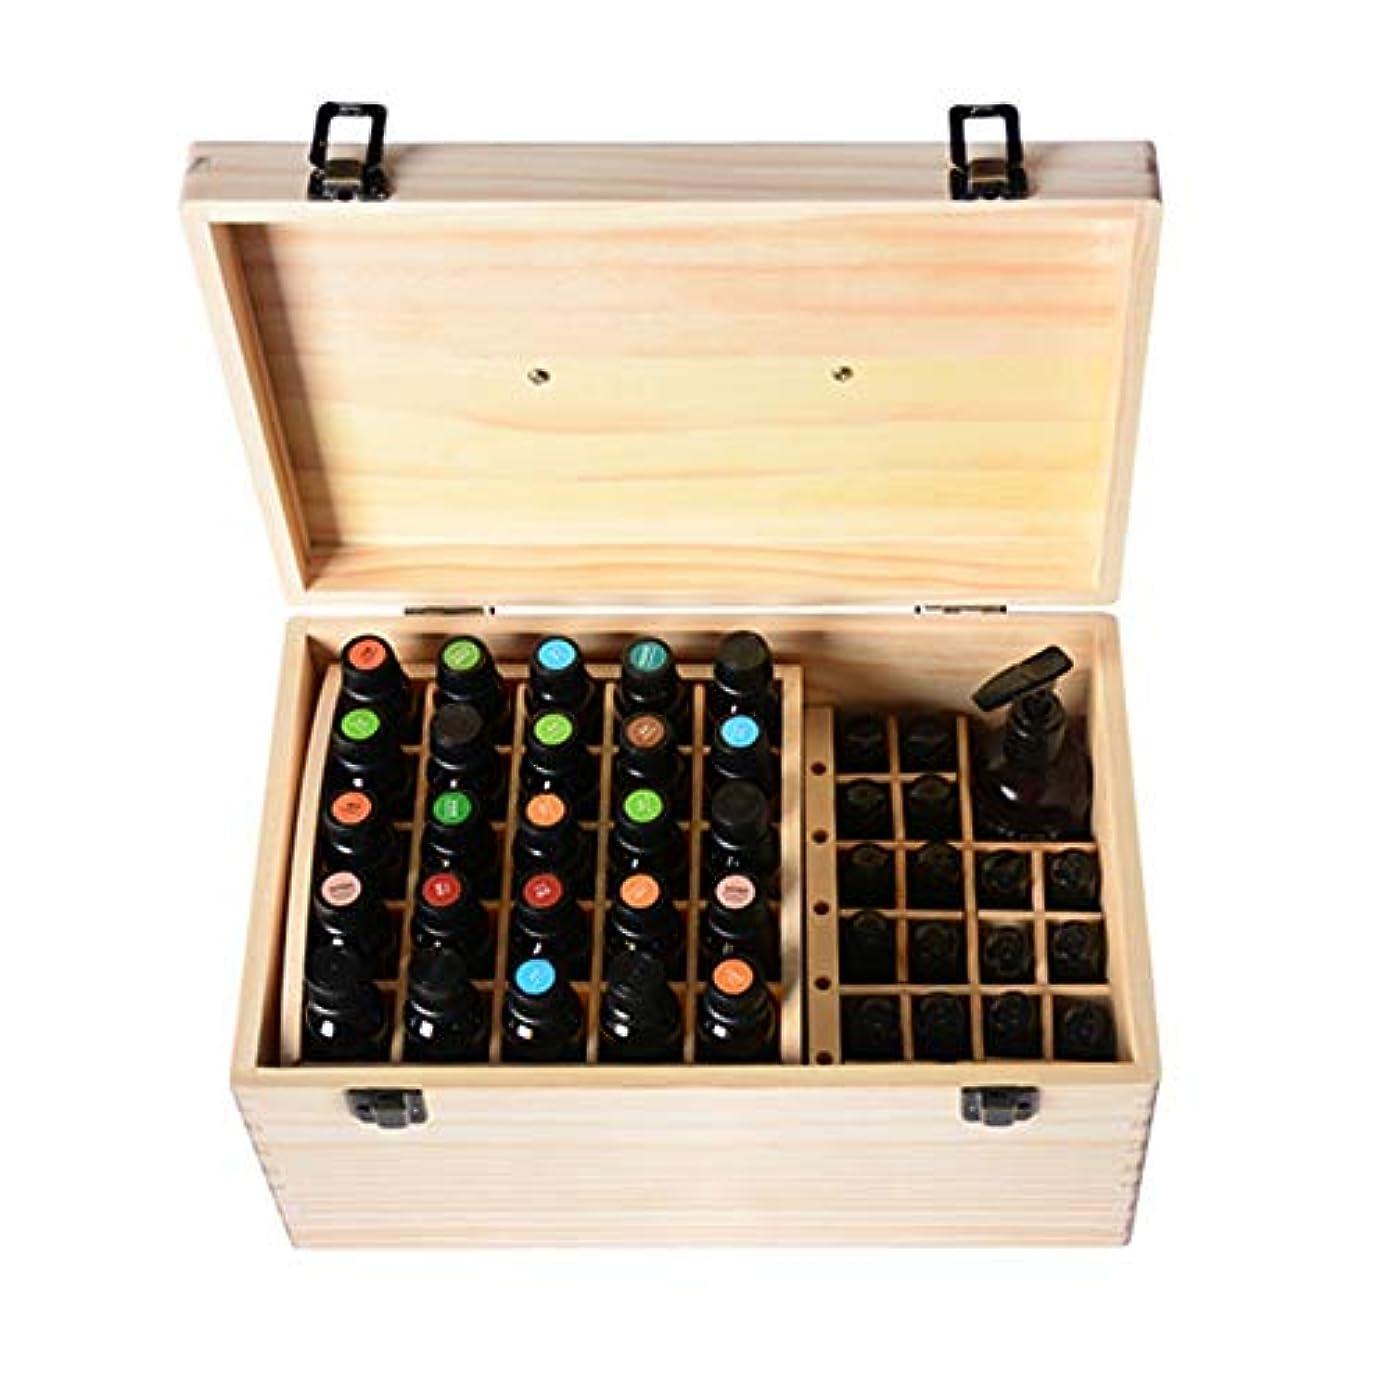 レイモバイル流行精油ケース 74スロット木エッセンシャルオイルボックス収納ケース内部のリムーバブルは15/10 M1のボトルナチュラルパインを開催します 携帯便利 (色 : Natural, サイズ : 35X20X16.5CM)